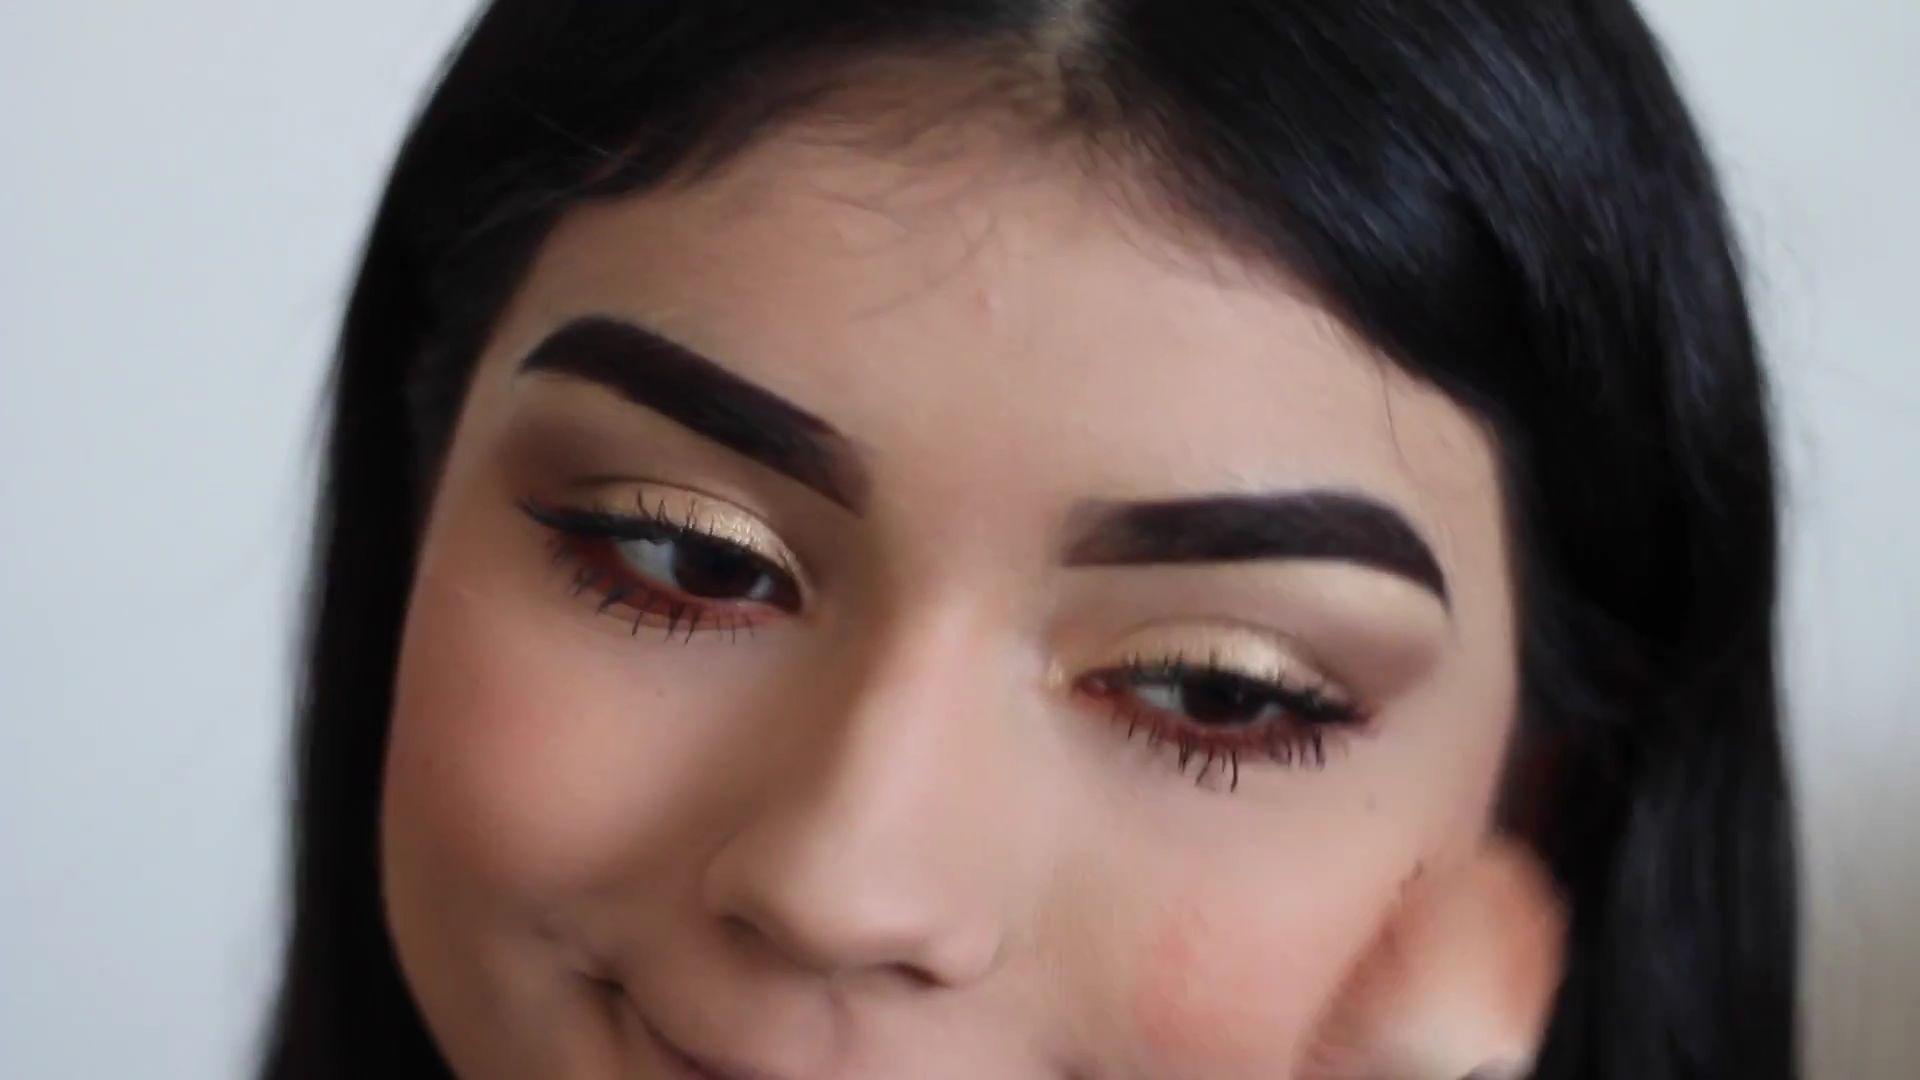 Paulina del Campo Maquillaje para cuando tienes pereza 2020, rubor en las mejillas.